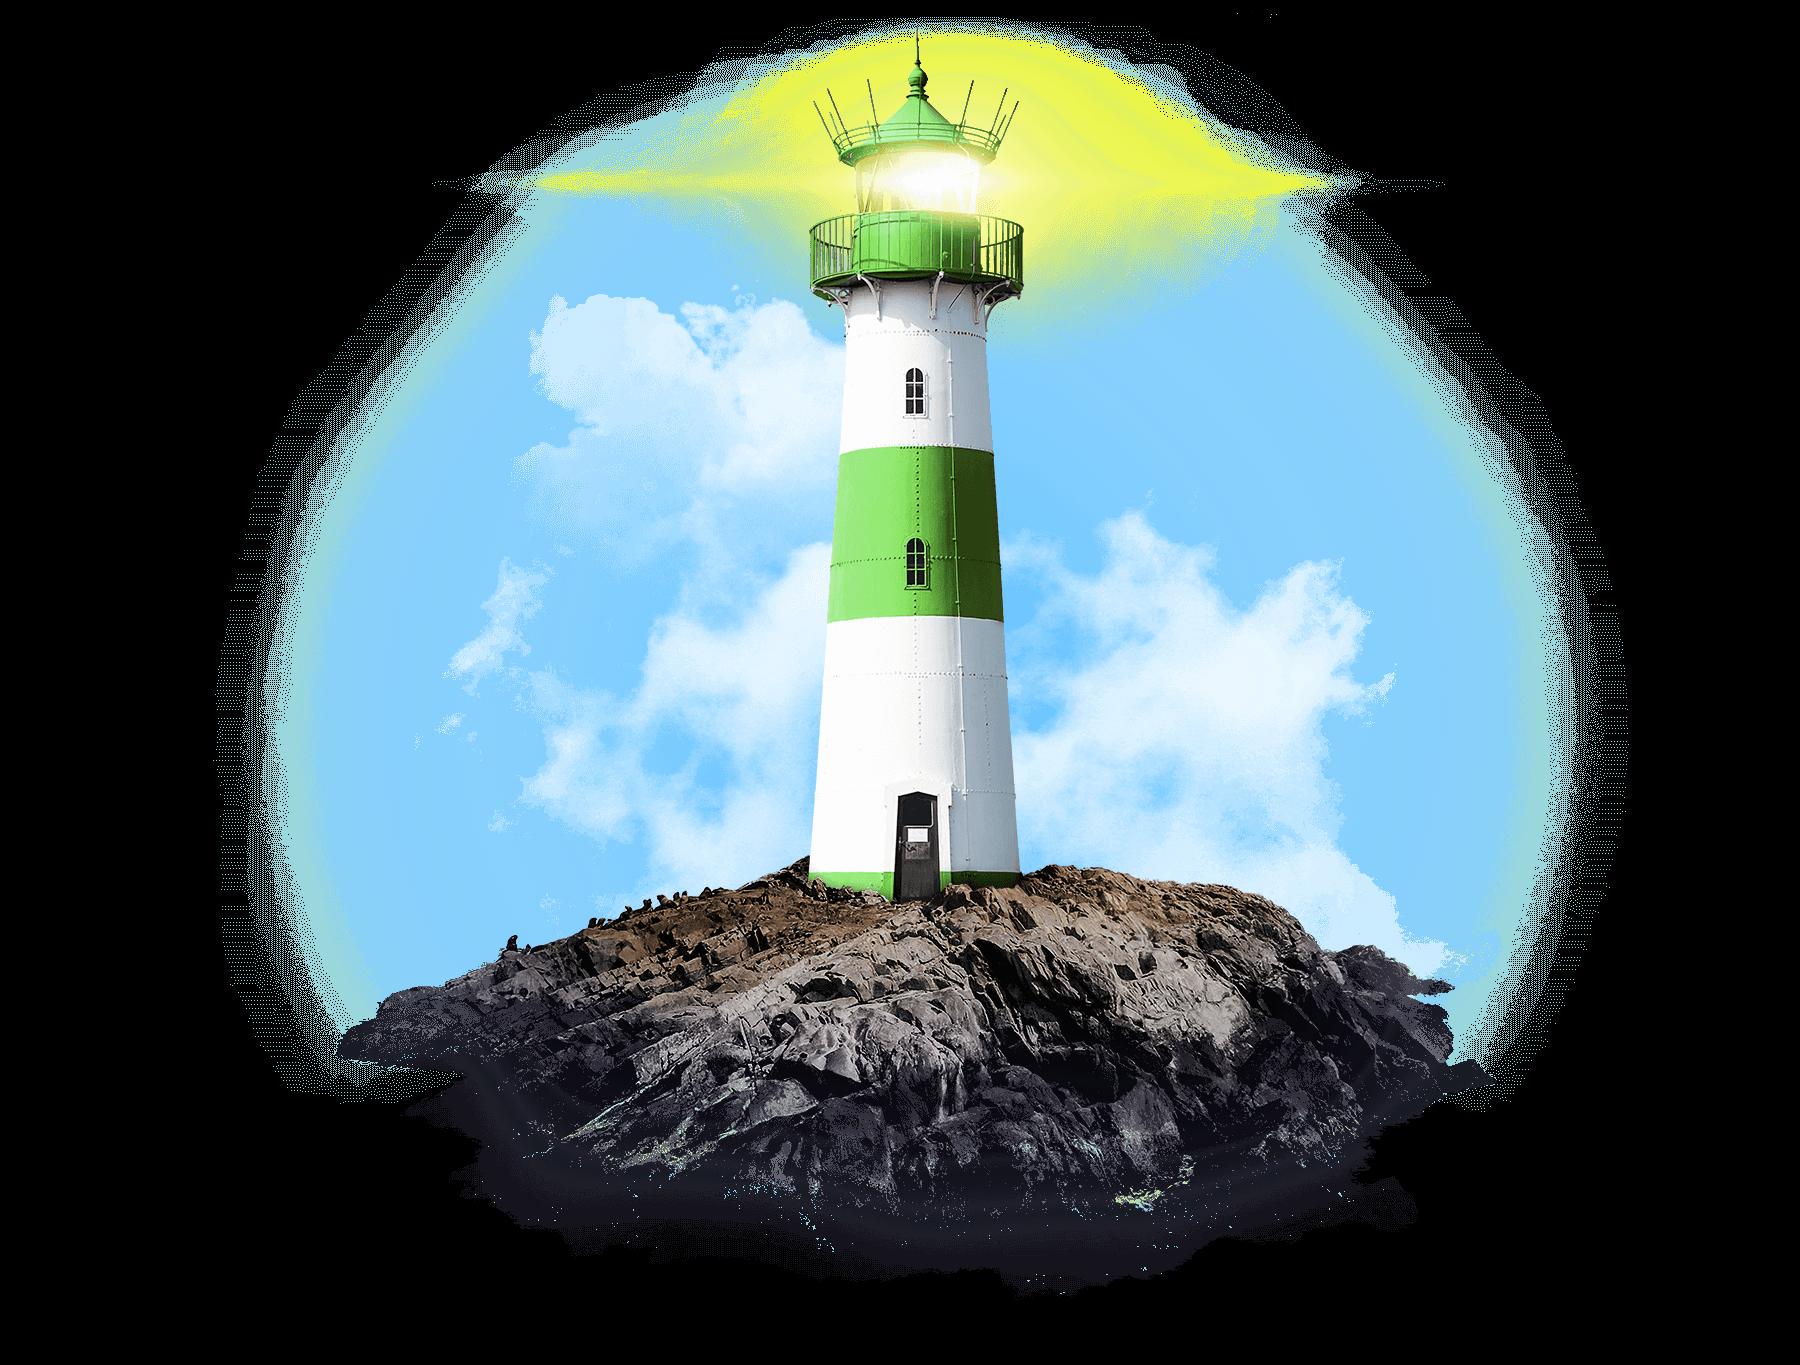 ein Bild des Nachhaltigkeitsleuchtturms von Denner